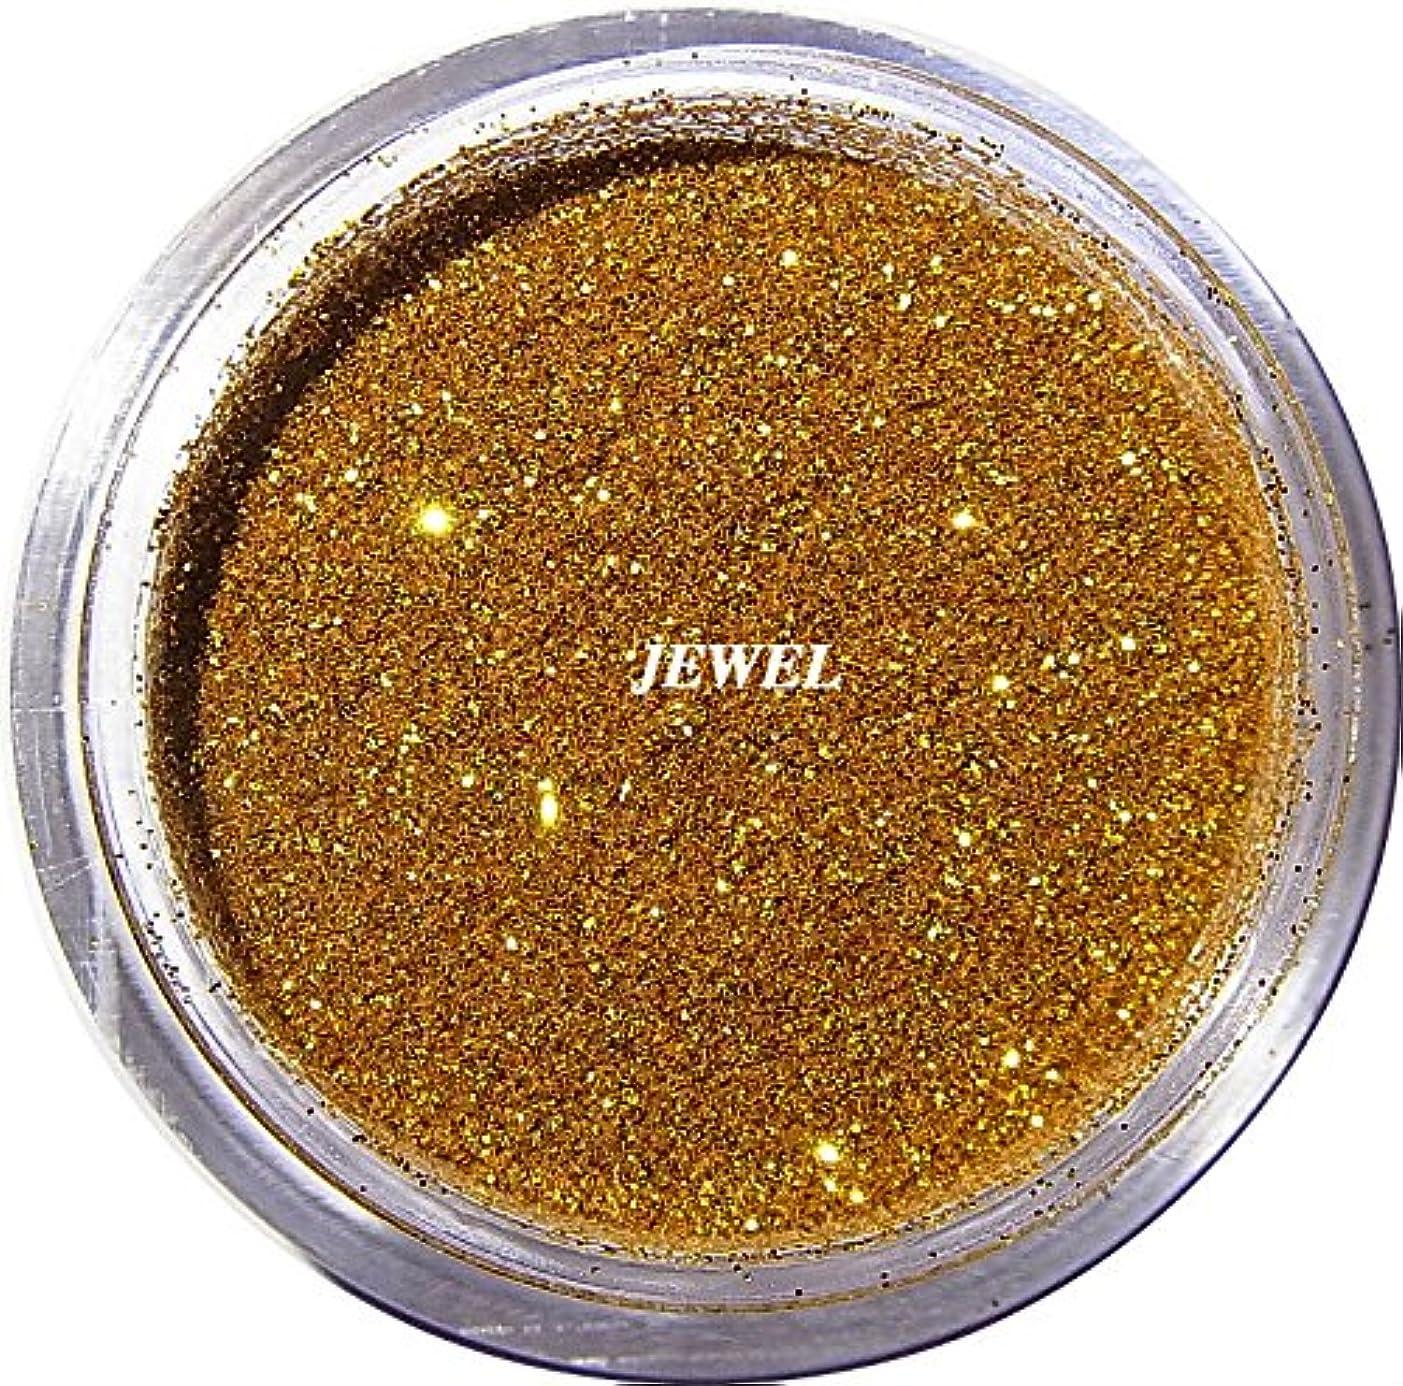 存在思いつく気分【jewel】 超微粒子ラメパウダー(金/ゴールド) 256/1サイズ 2g入り レジン&ネイル用 グリッター